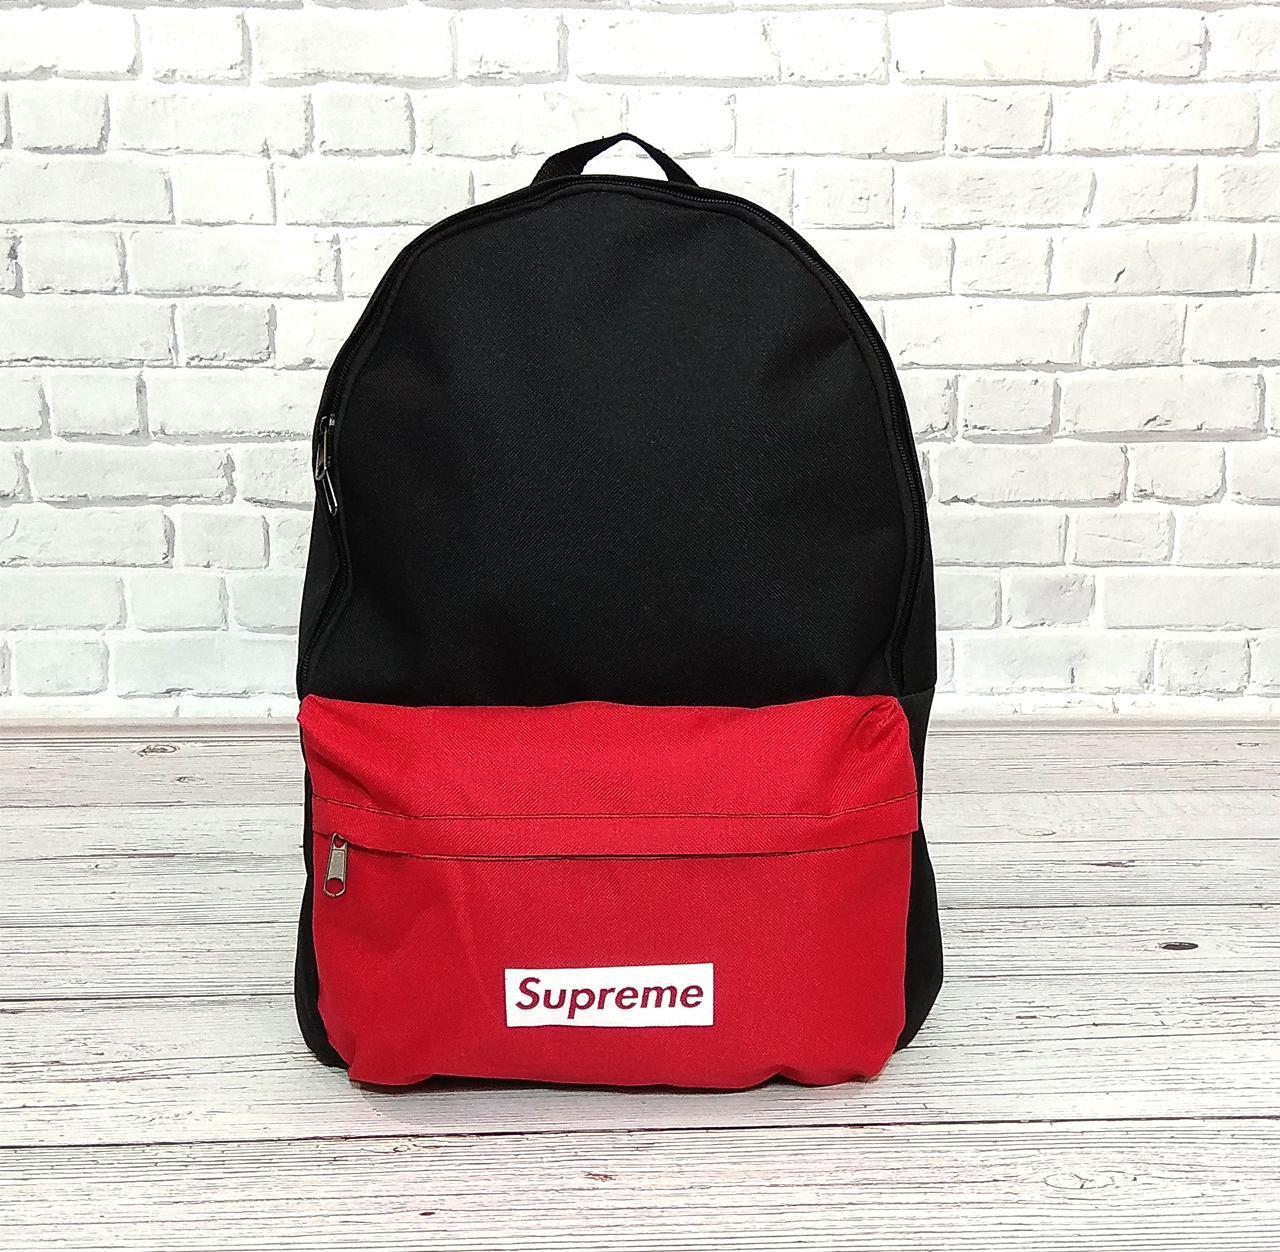 Молодежный городской, спортивный рюкзак, портфель суприм, Supreme. Черный с красным.